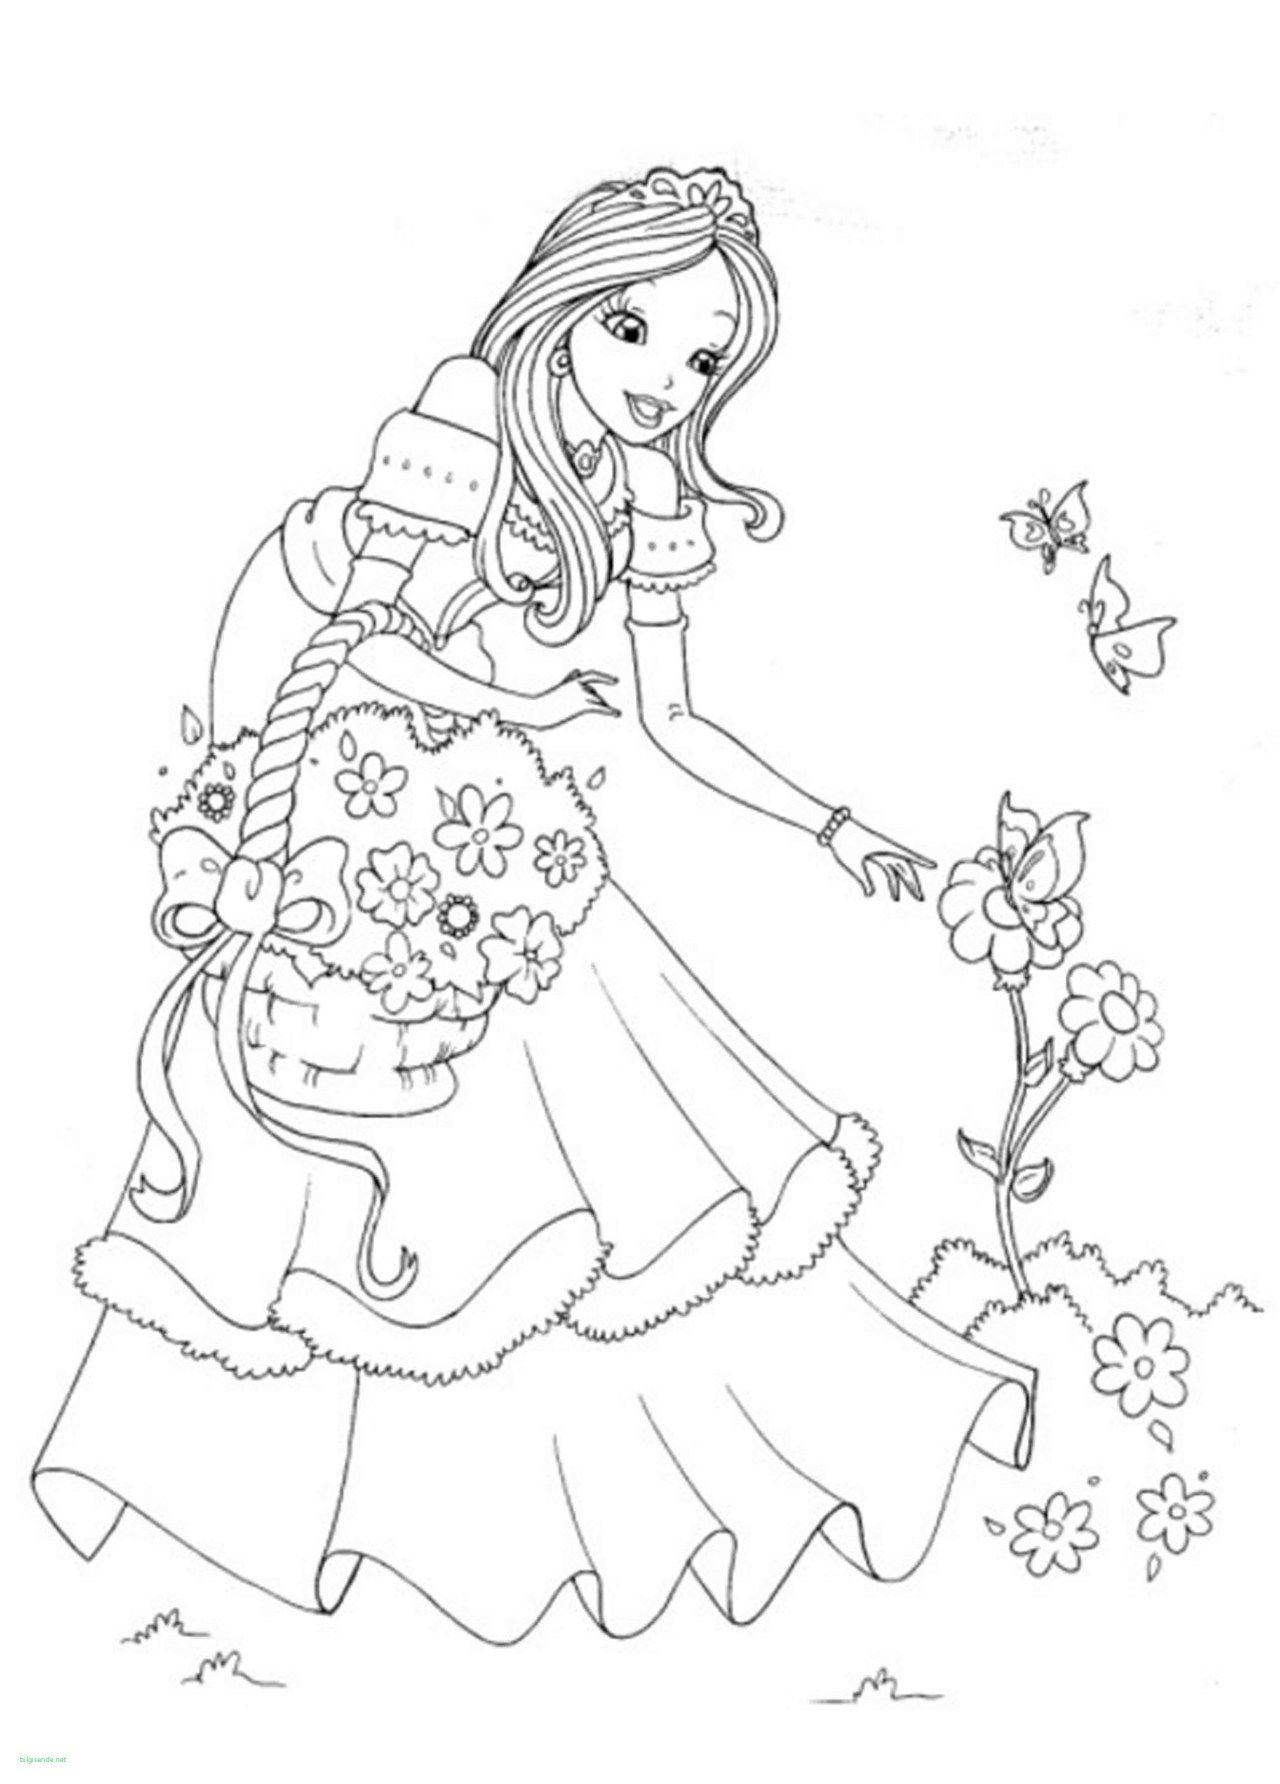 Disney Princess Coloring Page Disney Princess Coloring Pages To Print Rapunzel Unique Lovely Birijus Com Disney Princess Coloring Pages Princess Coloring Pages Princess Coloring